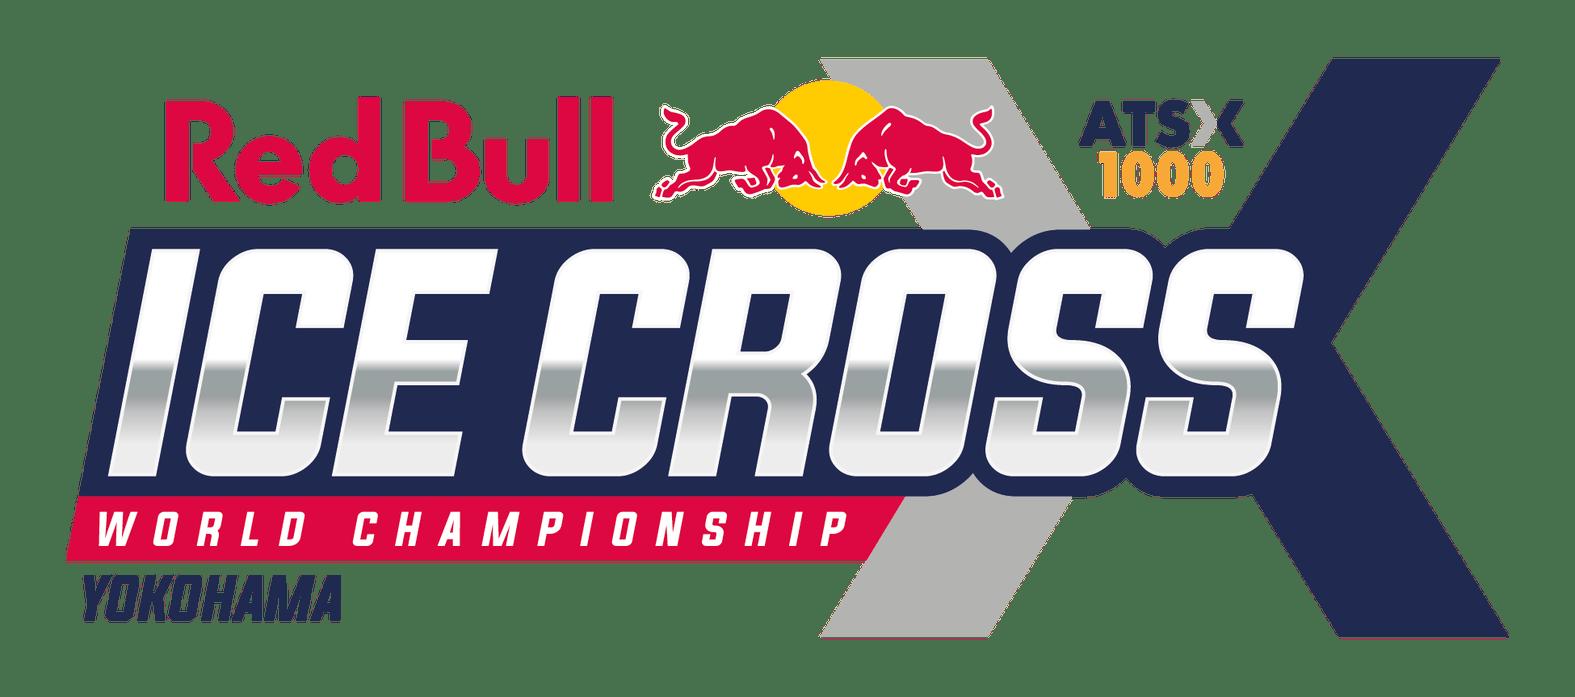 ストリートなイベント【神奈川】ATSX 1000 /  Red Bull Ice Cross World Championship Yokohama 2020 真冬にアツくなるスポーツイベント!